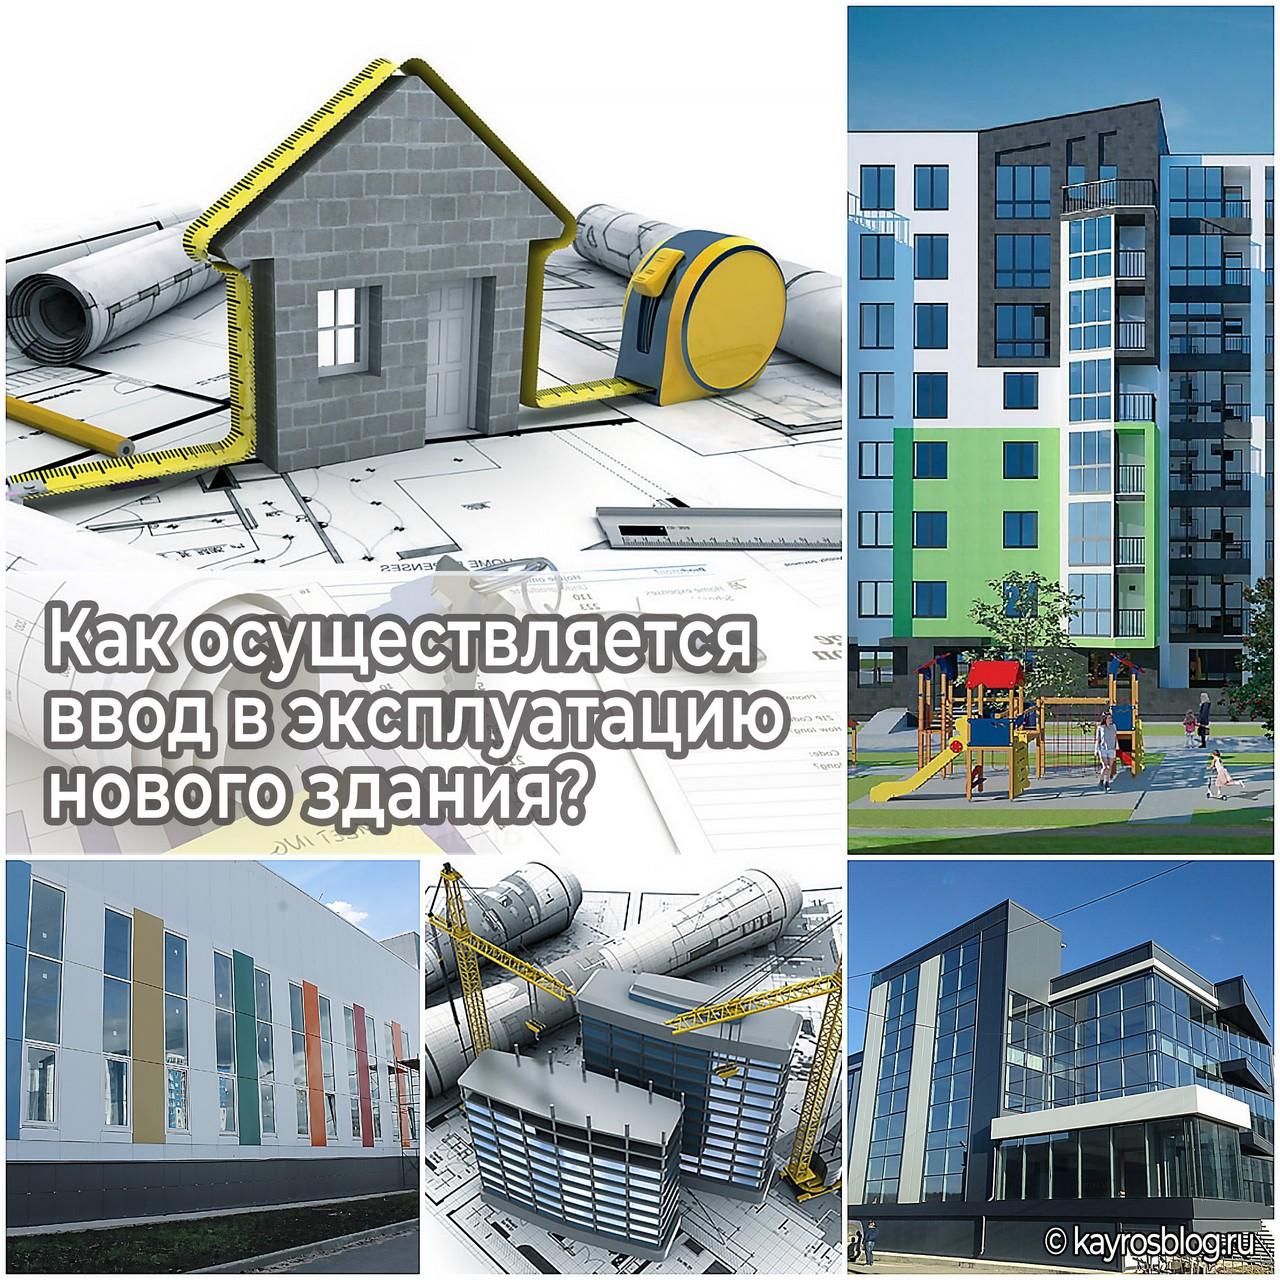 Как осуществляется ввод в эксплуатацию нового здания